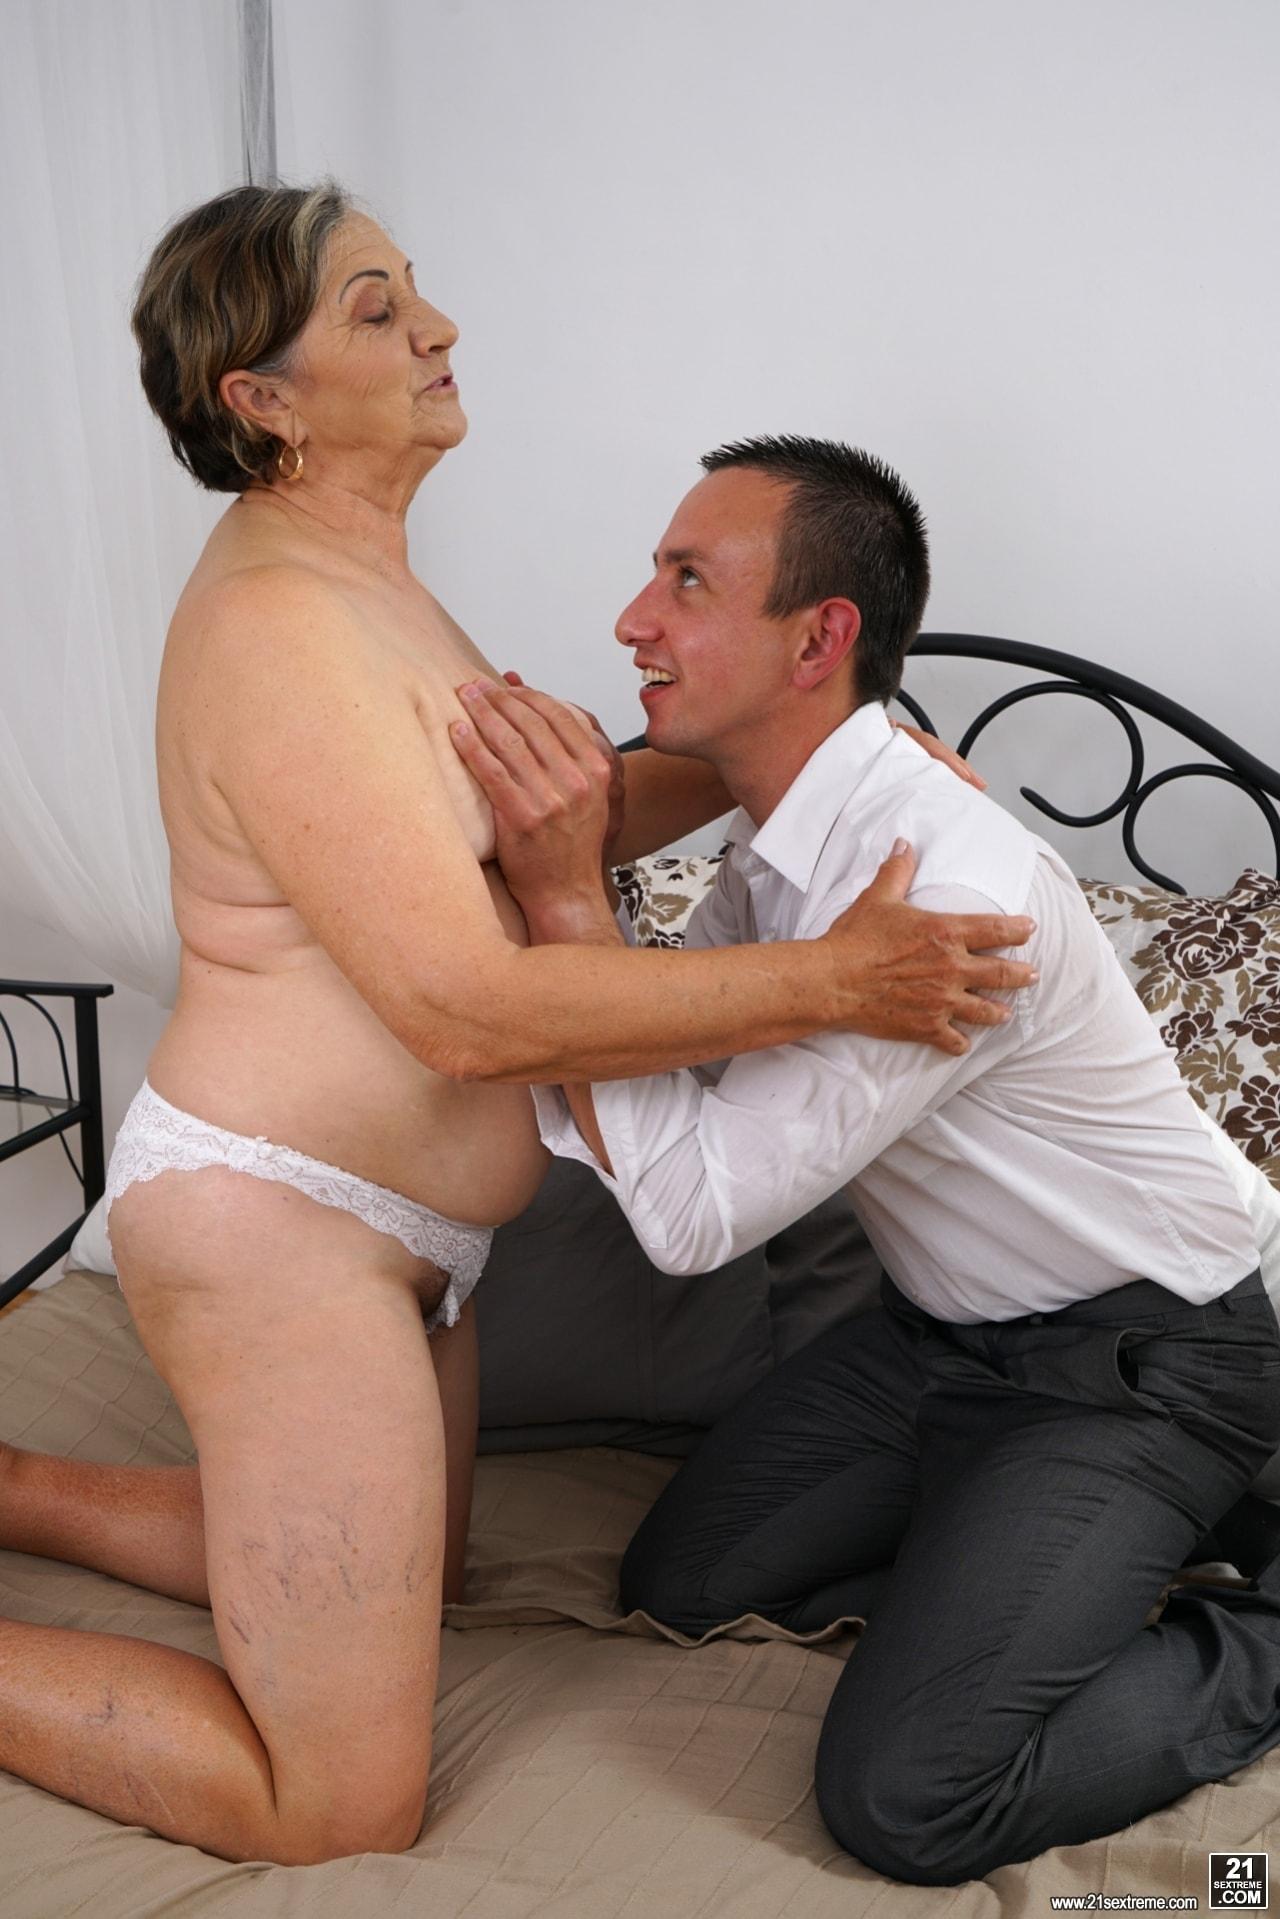 21Sextury 'Horny Hairy Granny' starring Kata (Photo 108)